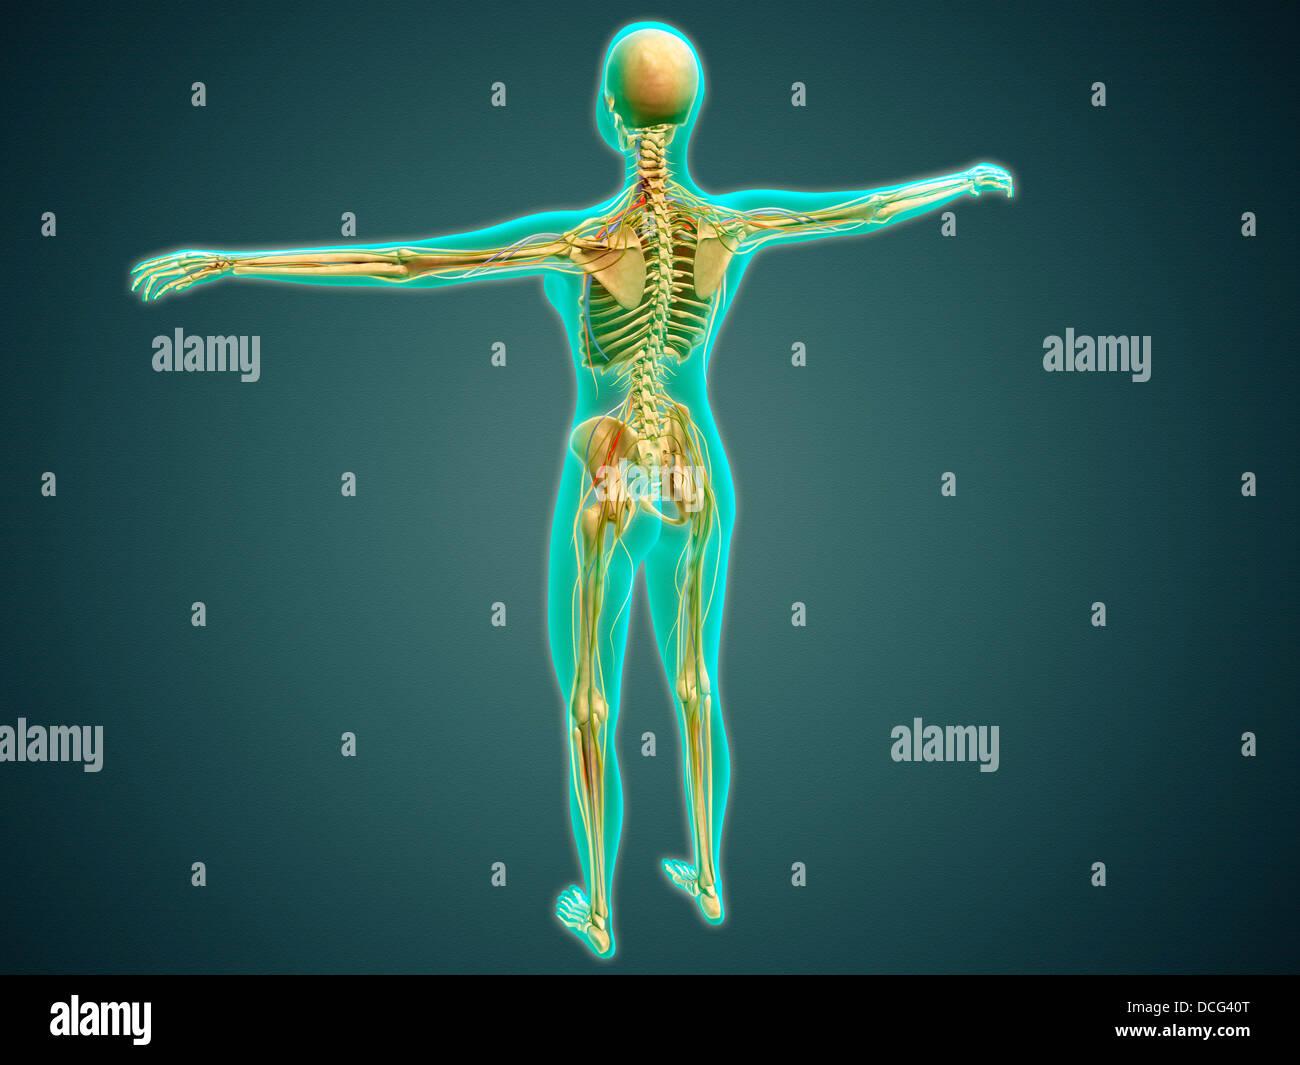 Ilustración médica del cuerpo humano mostrando el esqueleto ...